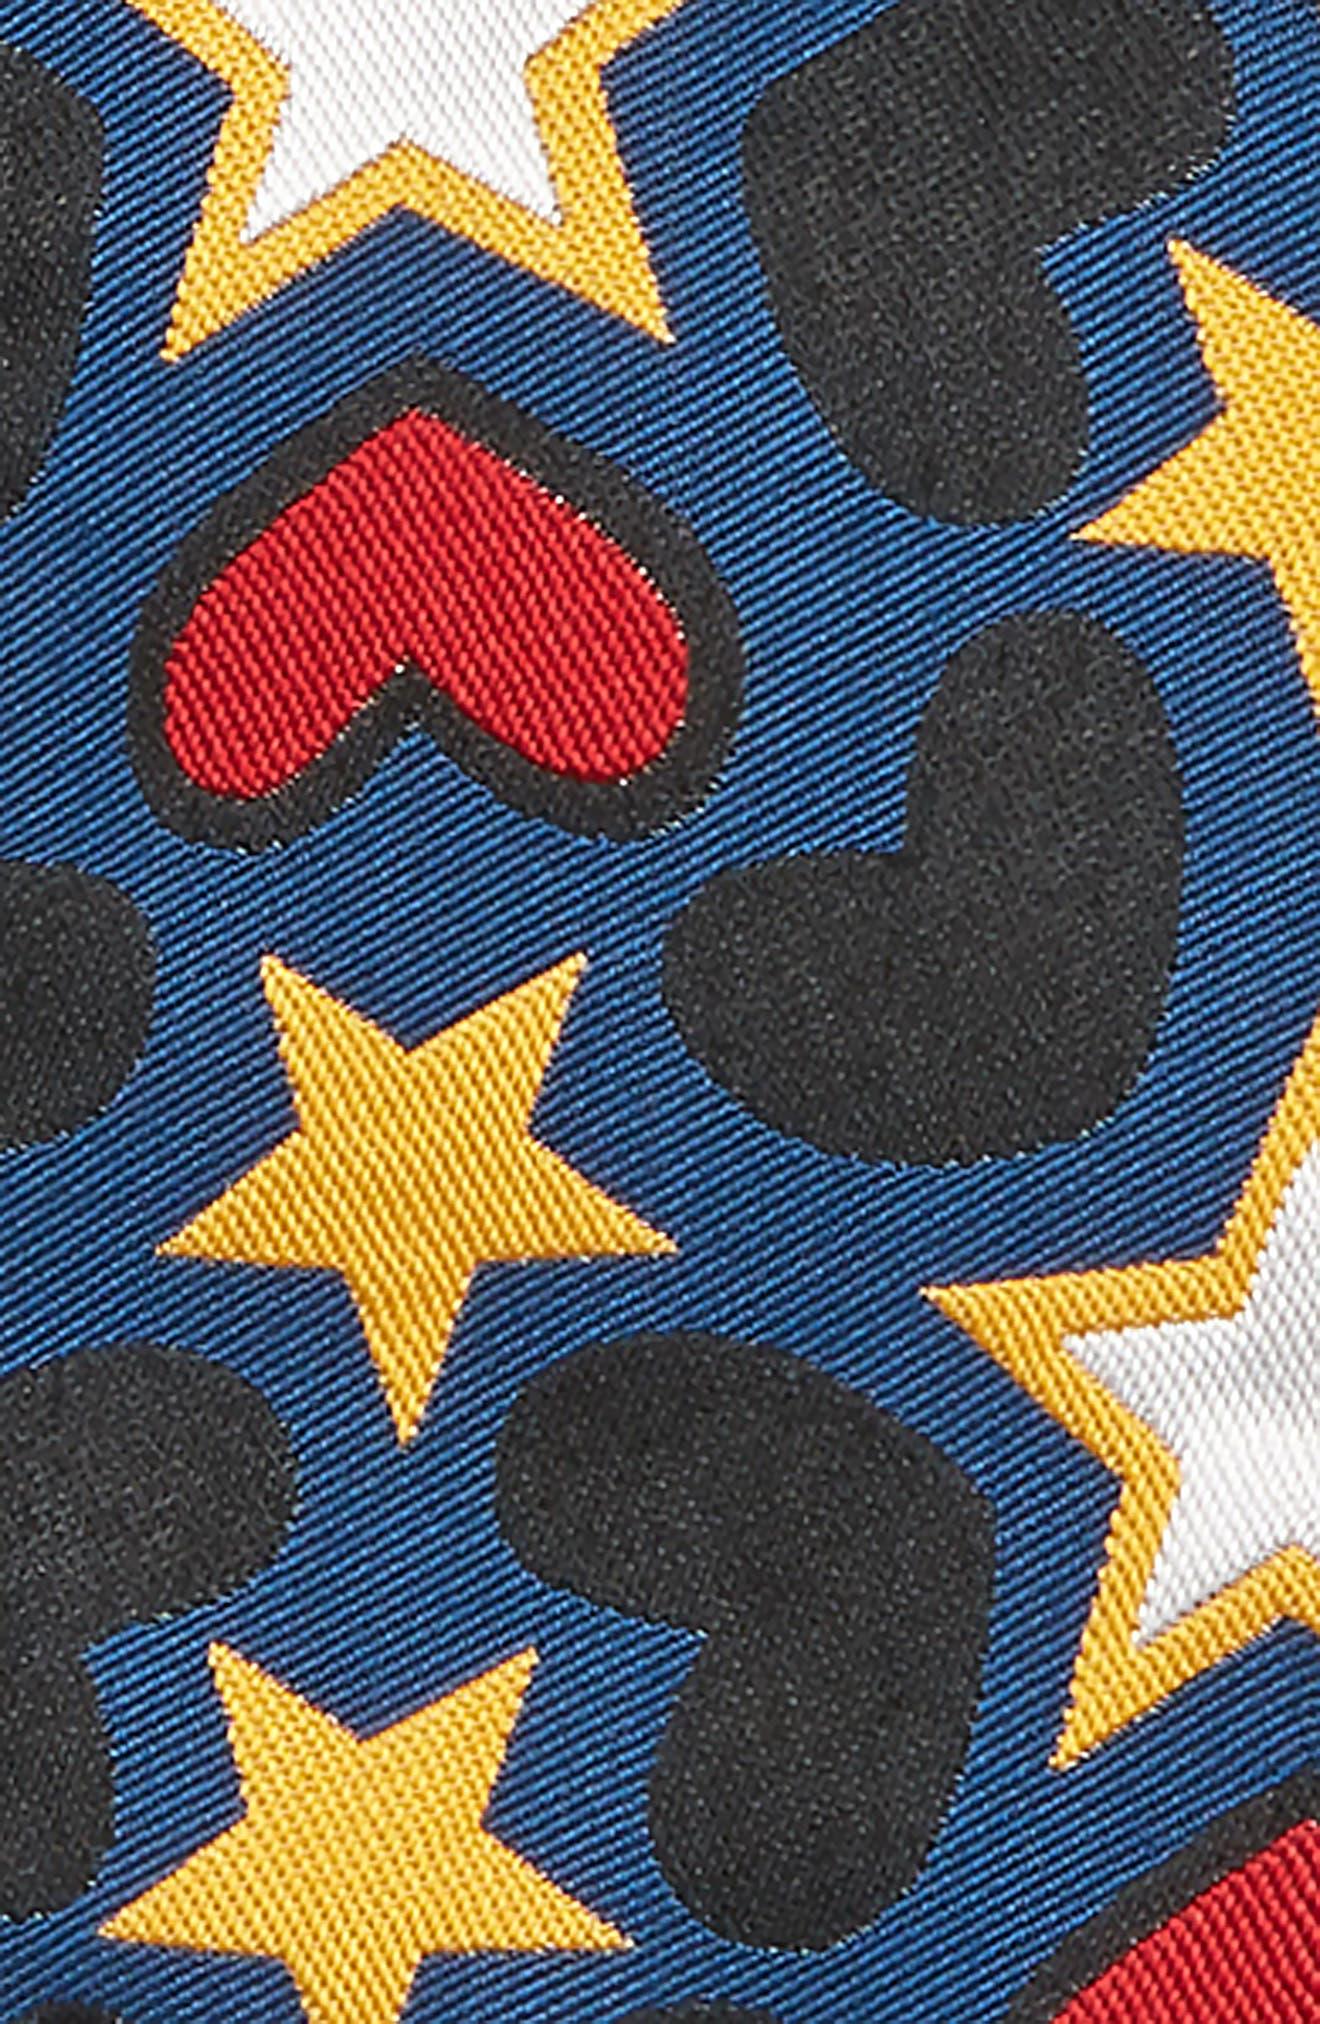 Joan Heart & Star Bomber Jacket,                             Alternate thumbnail 2, color,                             MULTI